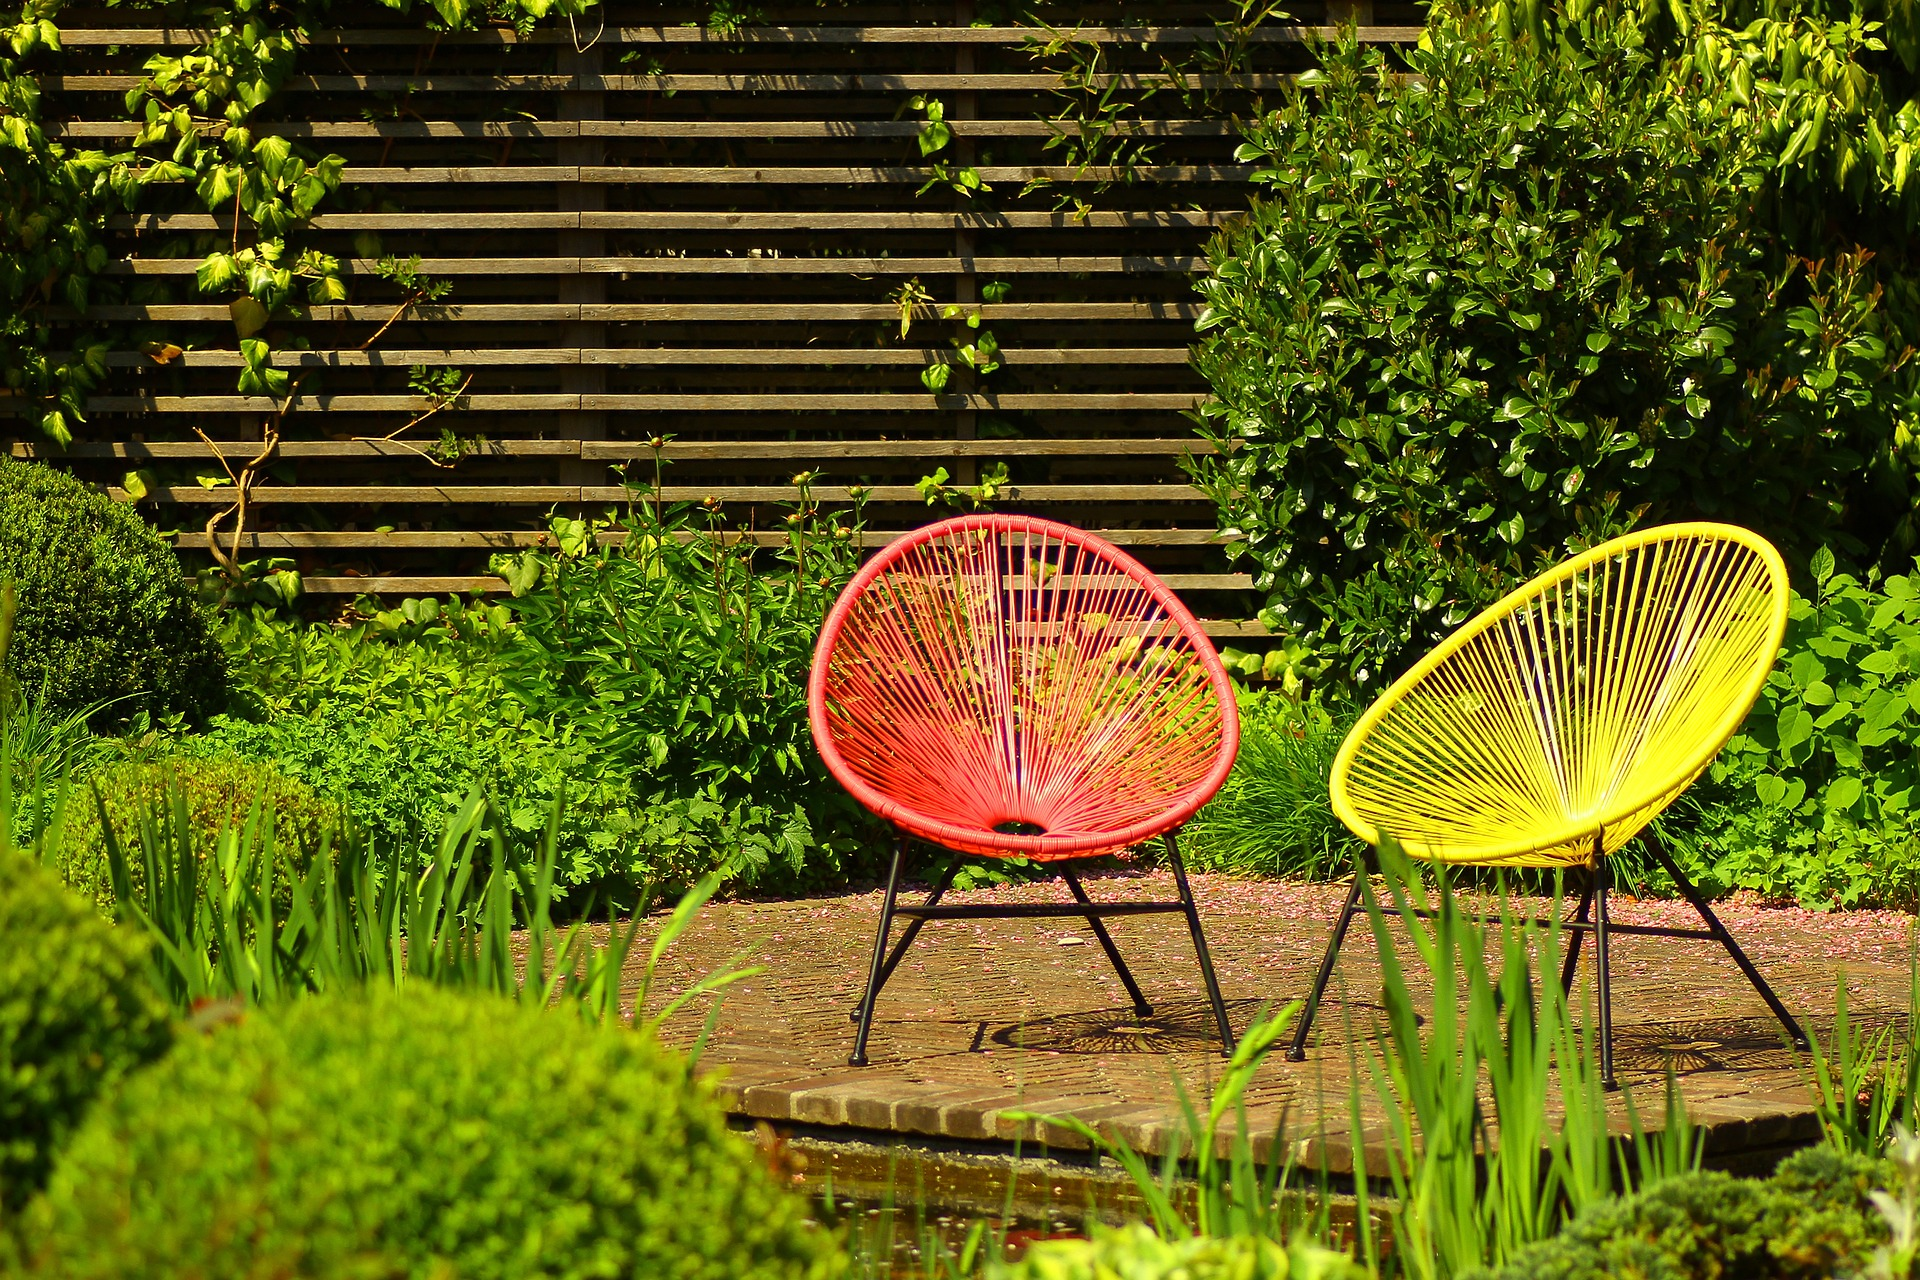 Plantes Pour Jardin Contemporain comment aménager un jardin moderne ? - construction